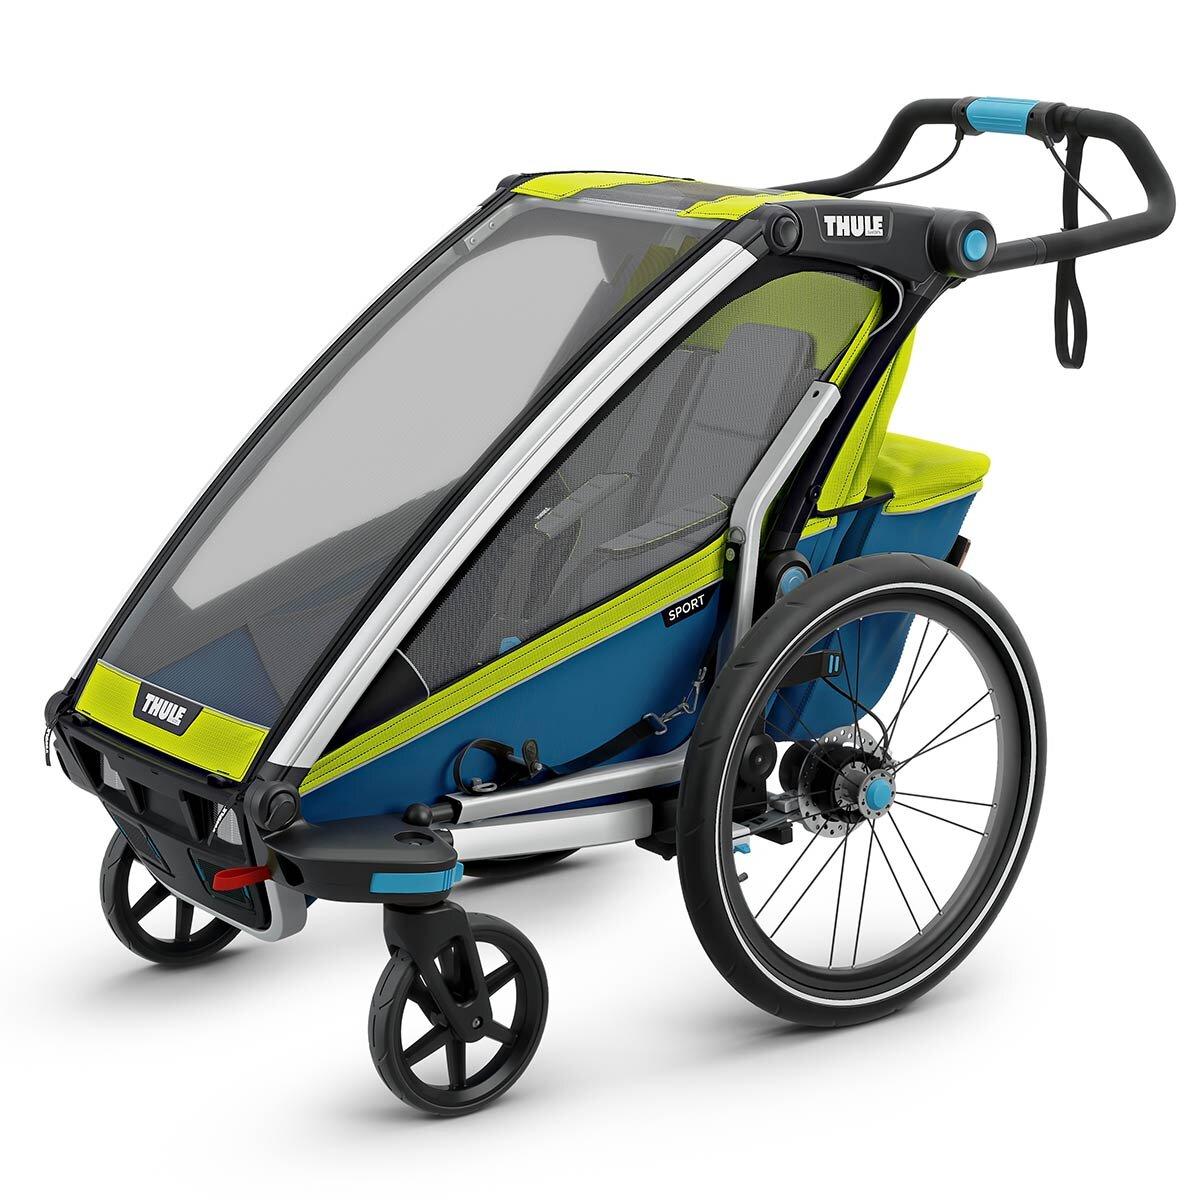 Thule Chariot Sport 1 Fahrradanhänger Modell 2019